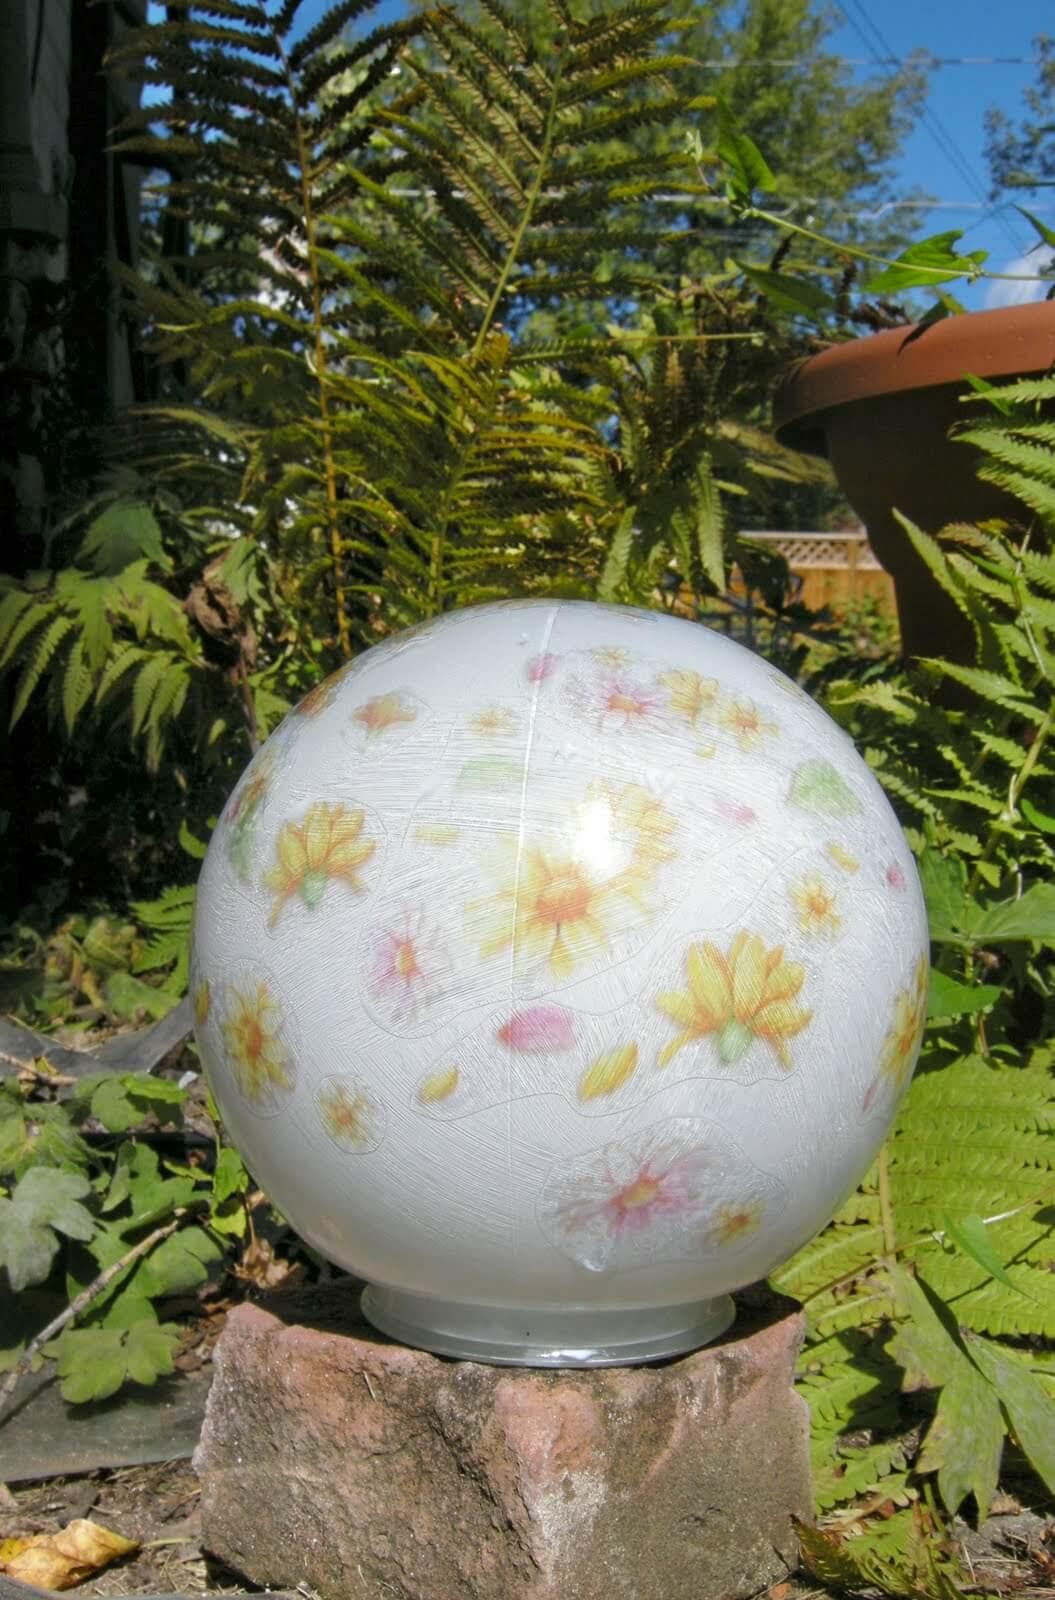 Floral DIY Garden Ball Idea